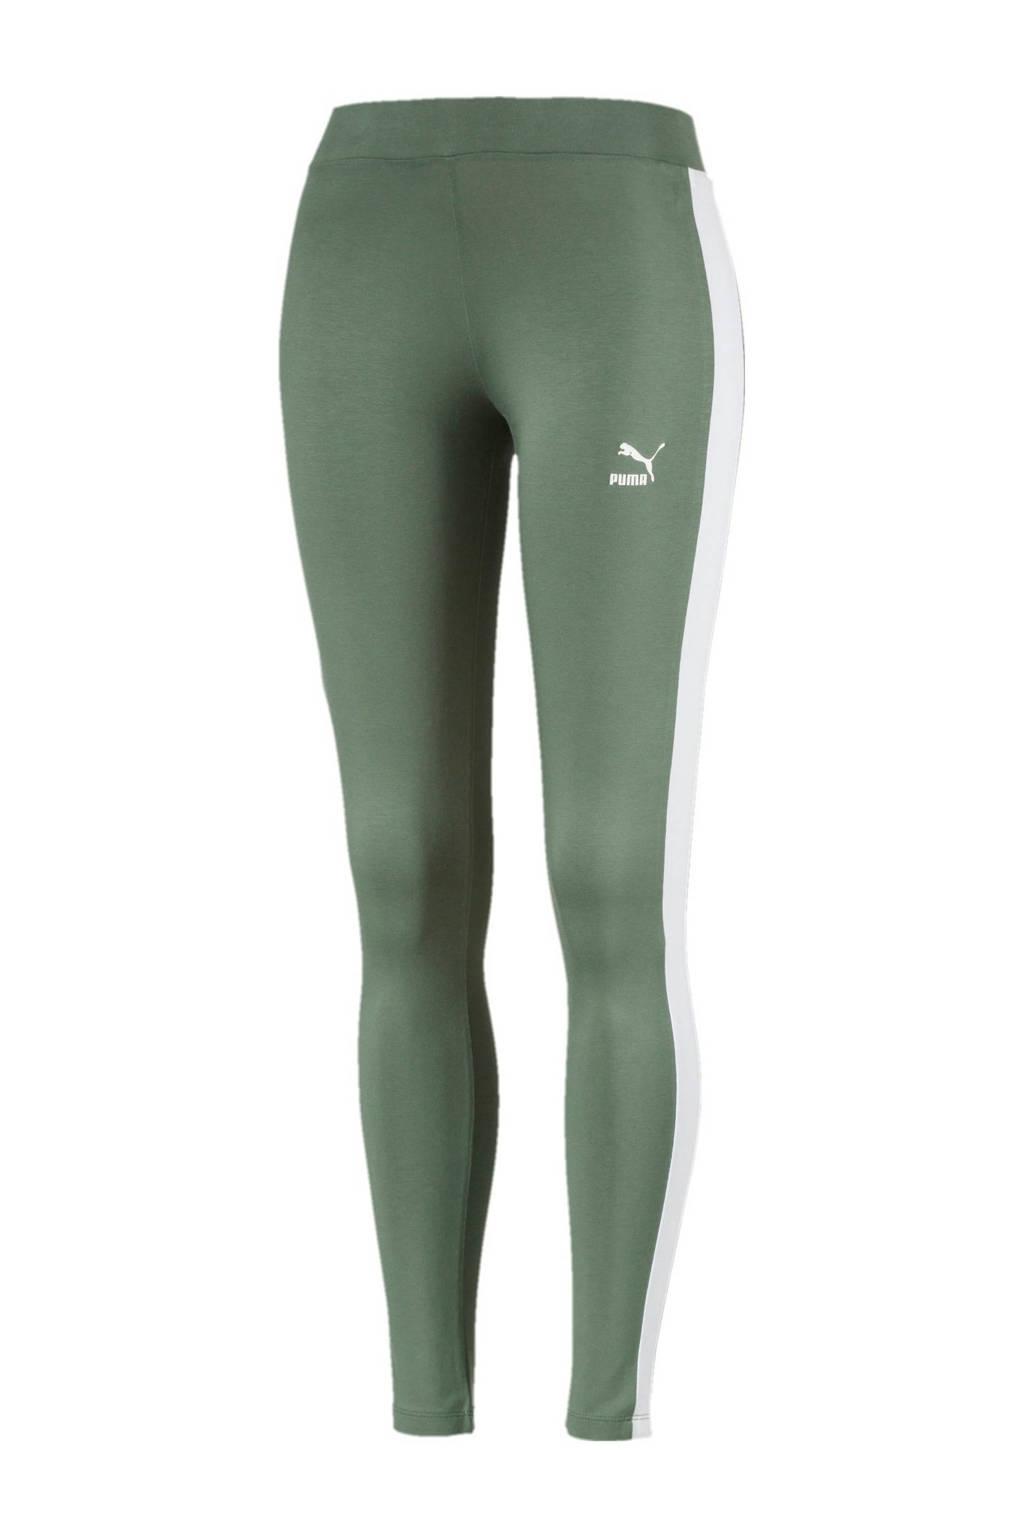 Puma 7/8 sportlegging, Groen/wit